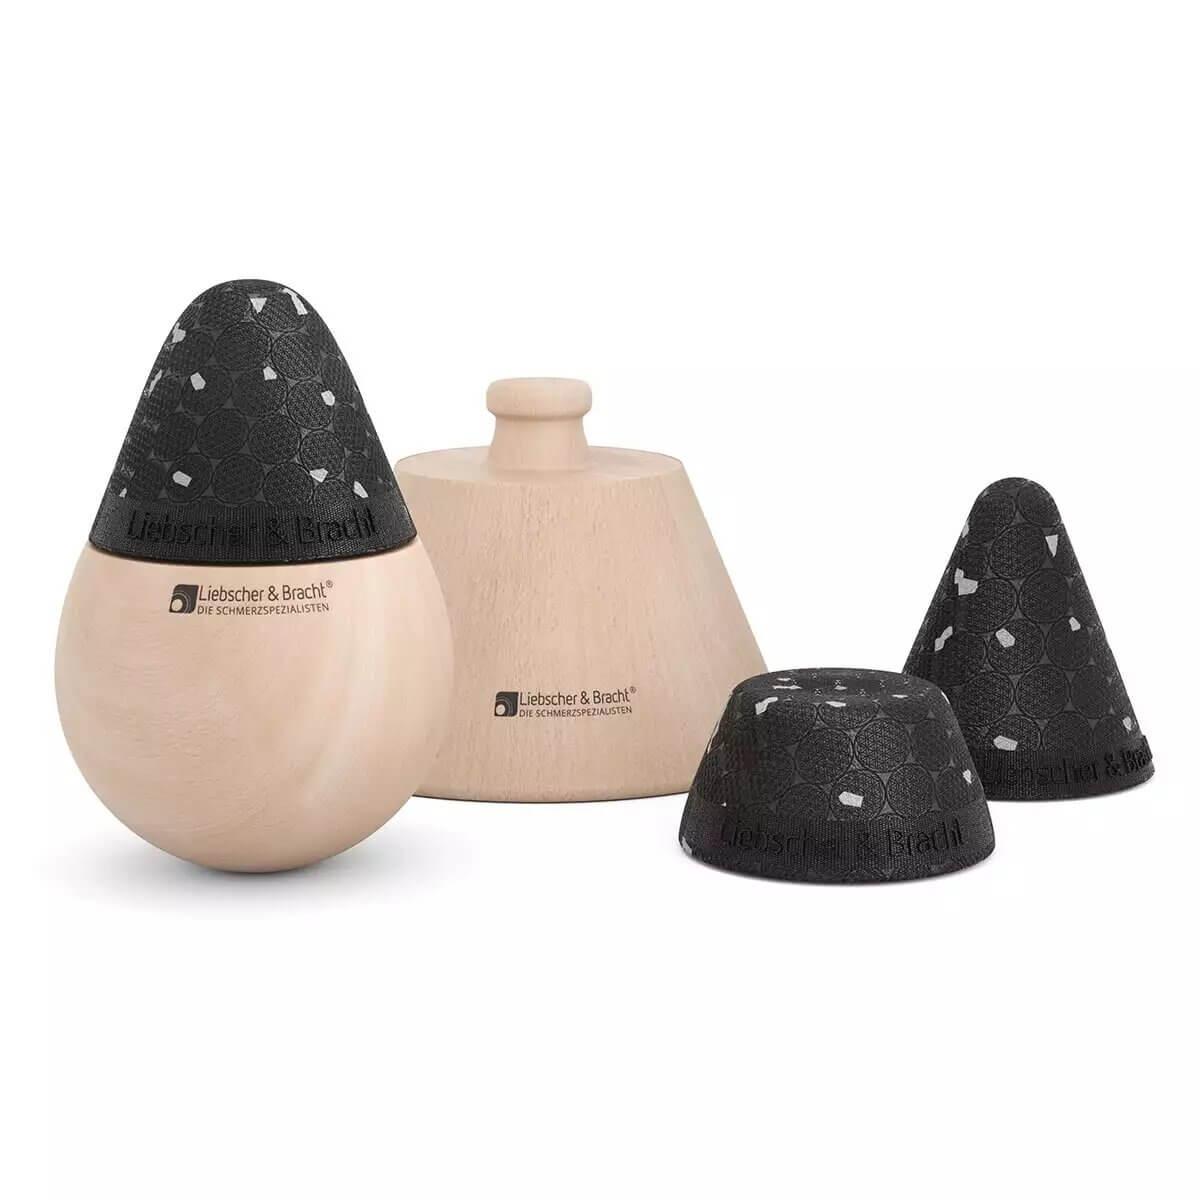 produkt druecker set basic liebscher bracht1200x1200iFBskT9m7sMx4 2000x2000@2x - Liebscher und Bracht – Die Schmerzspezialisten